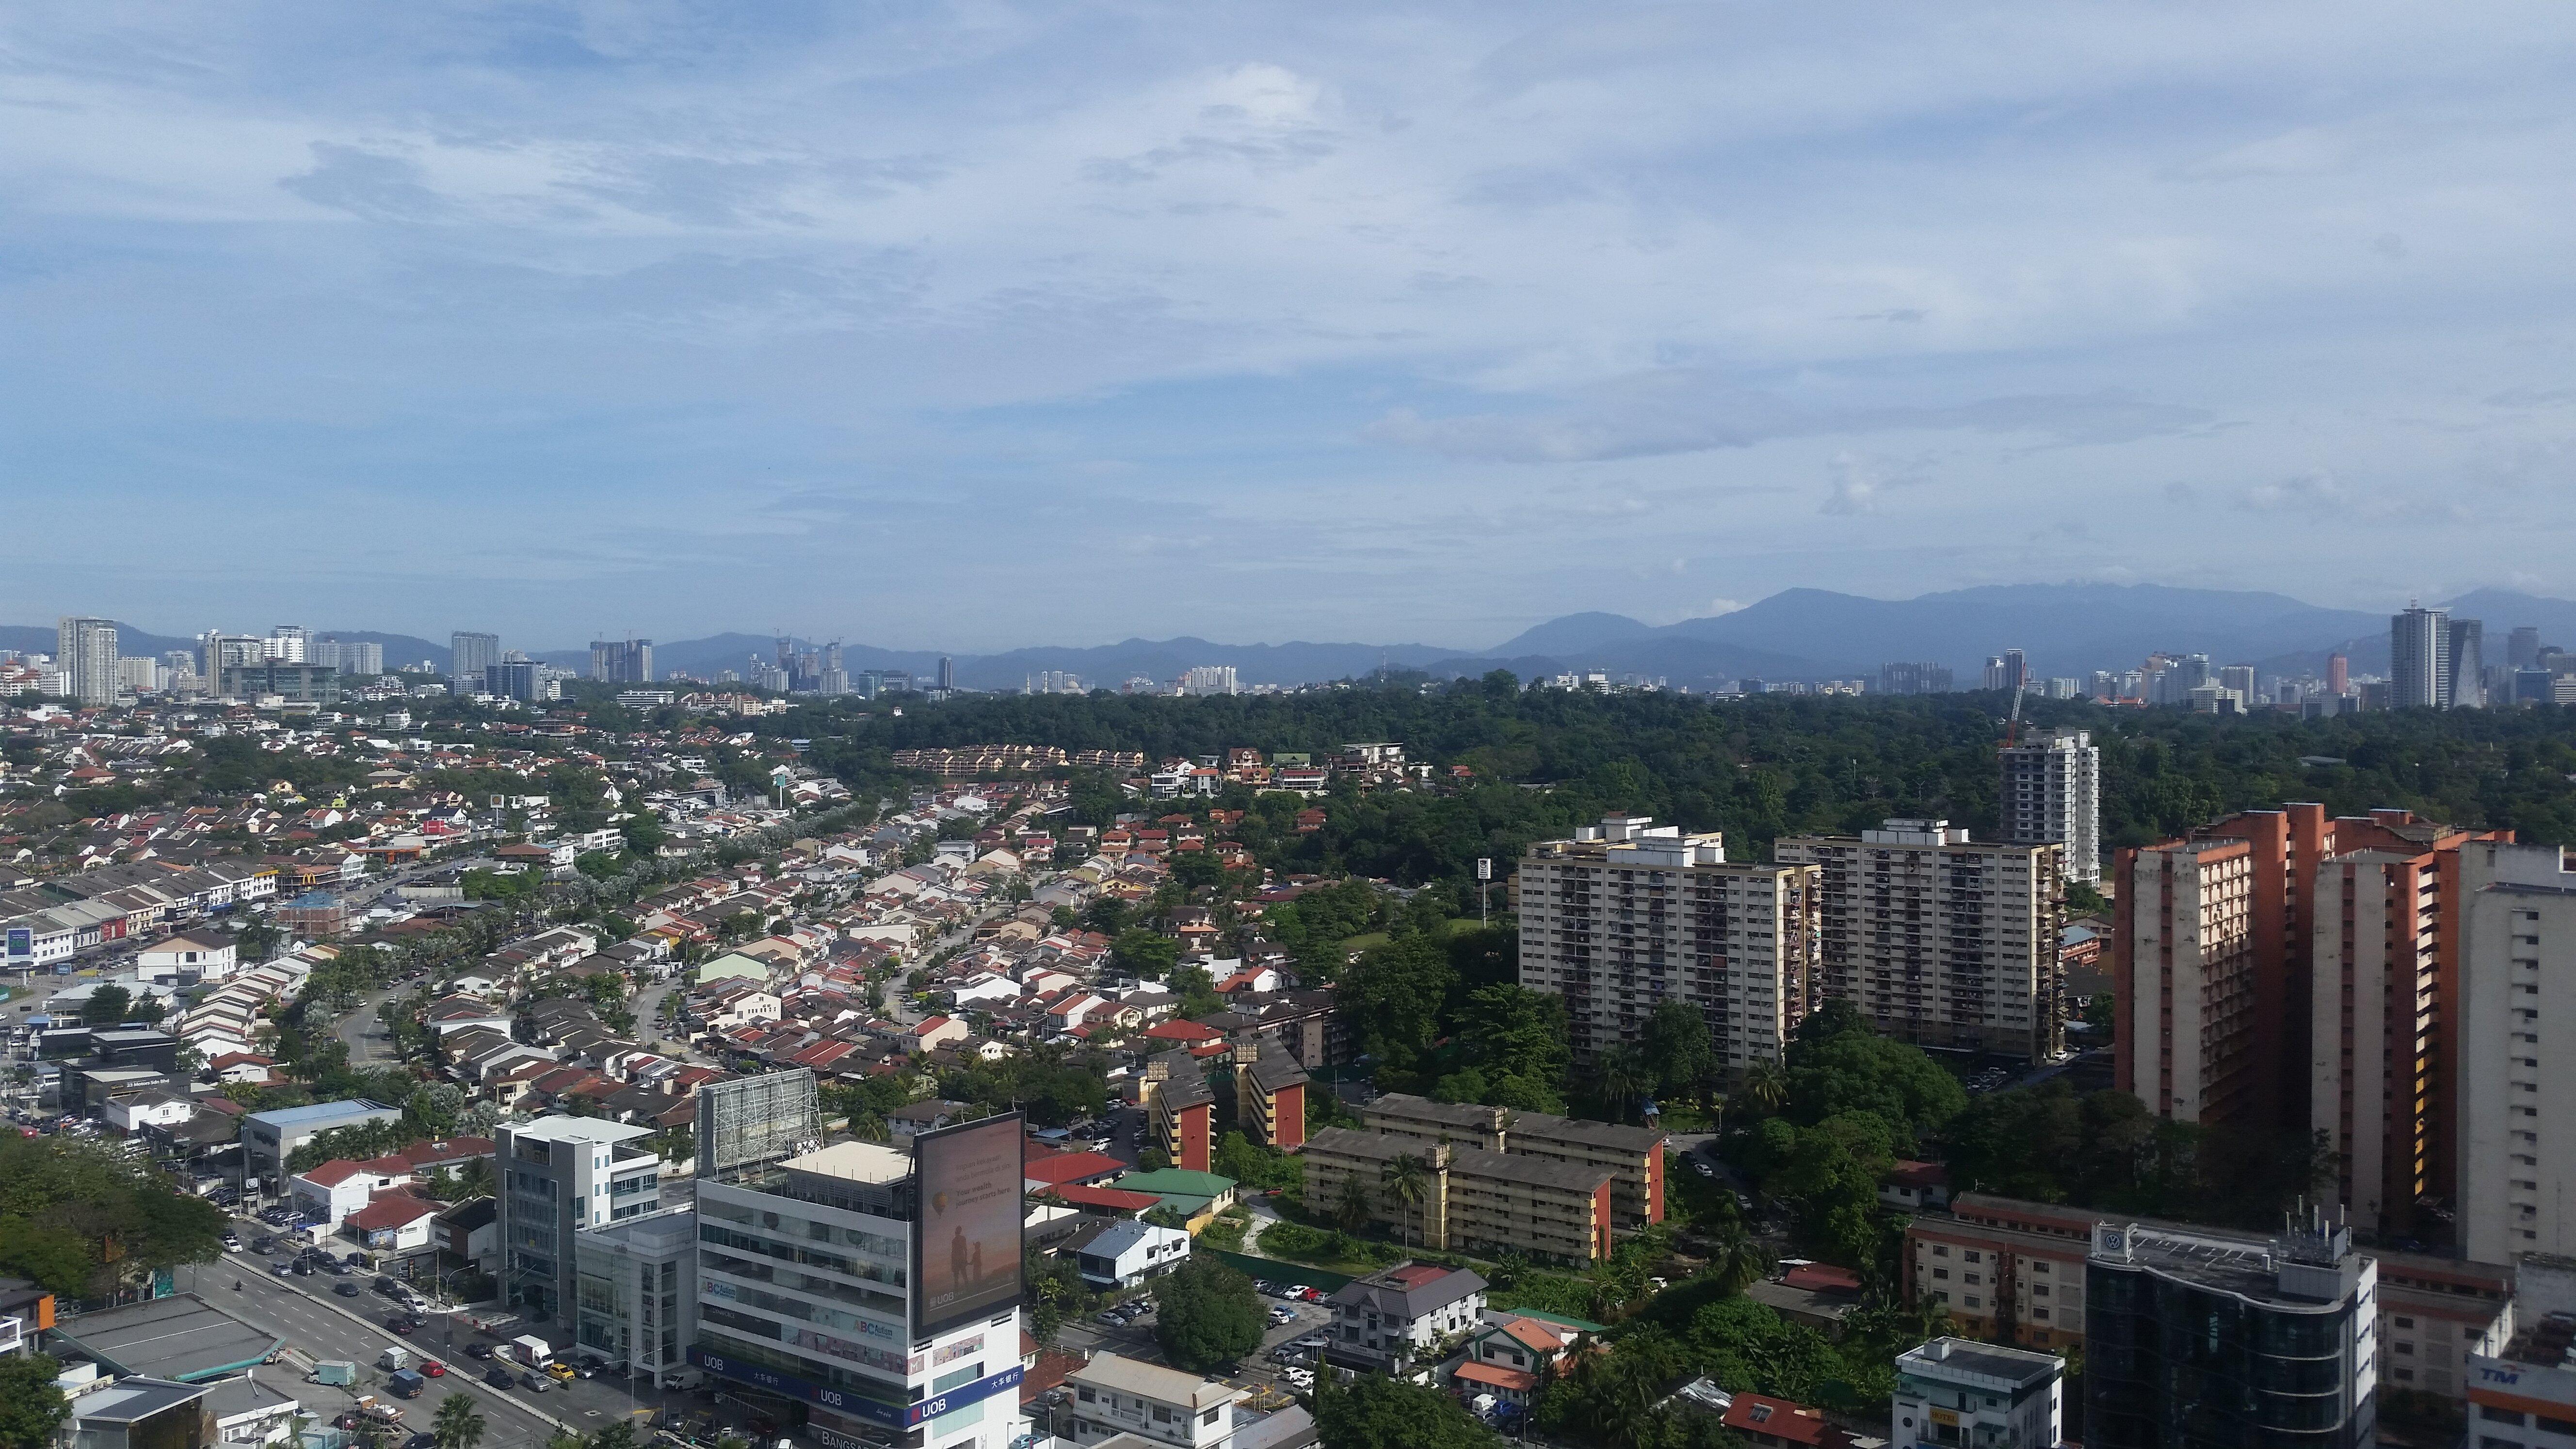 The view from Nadi Bangsar.